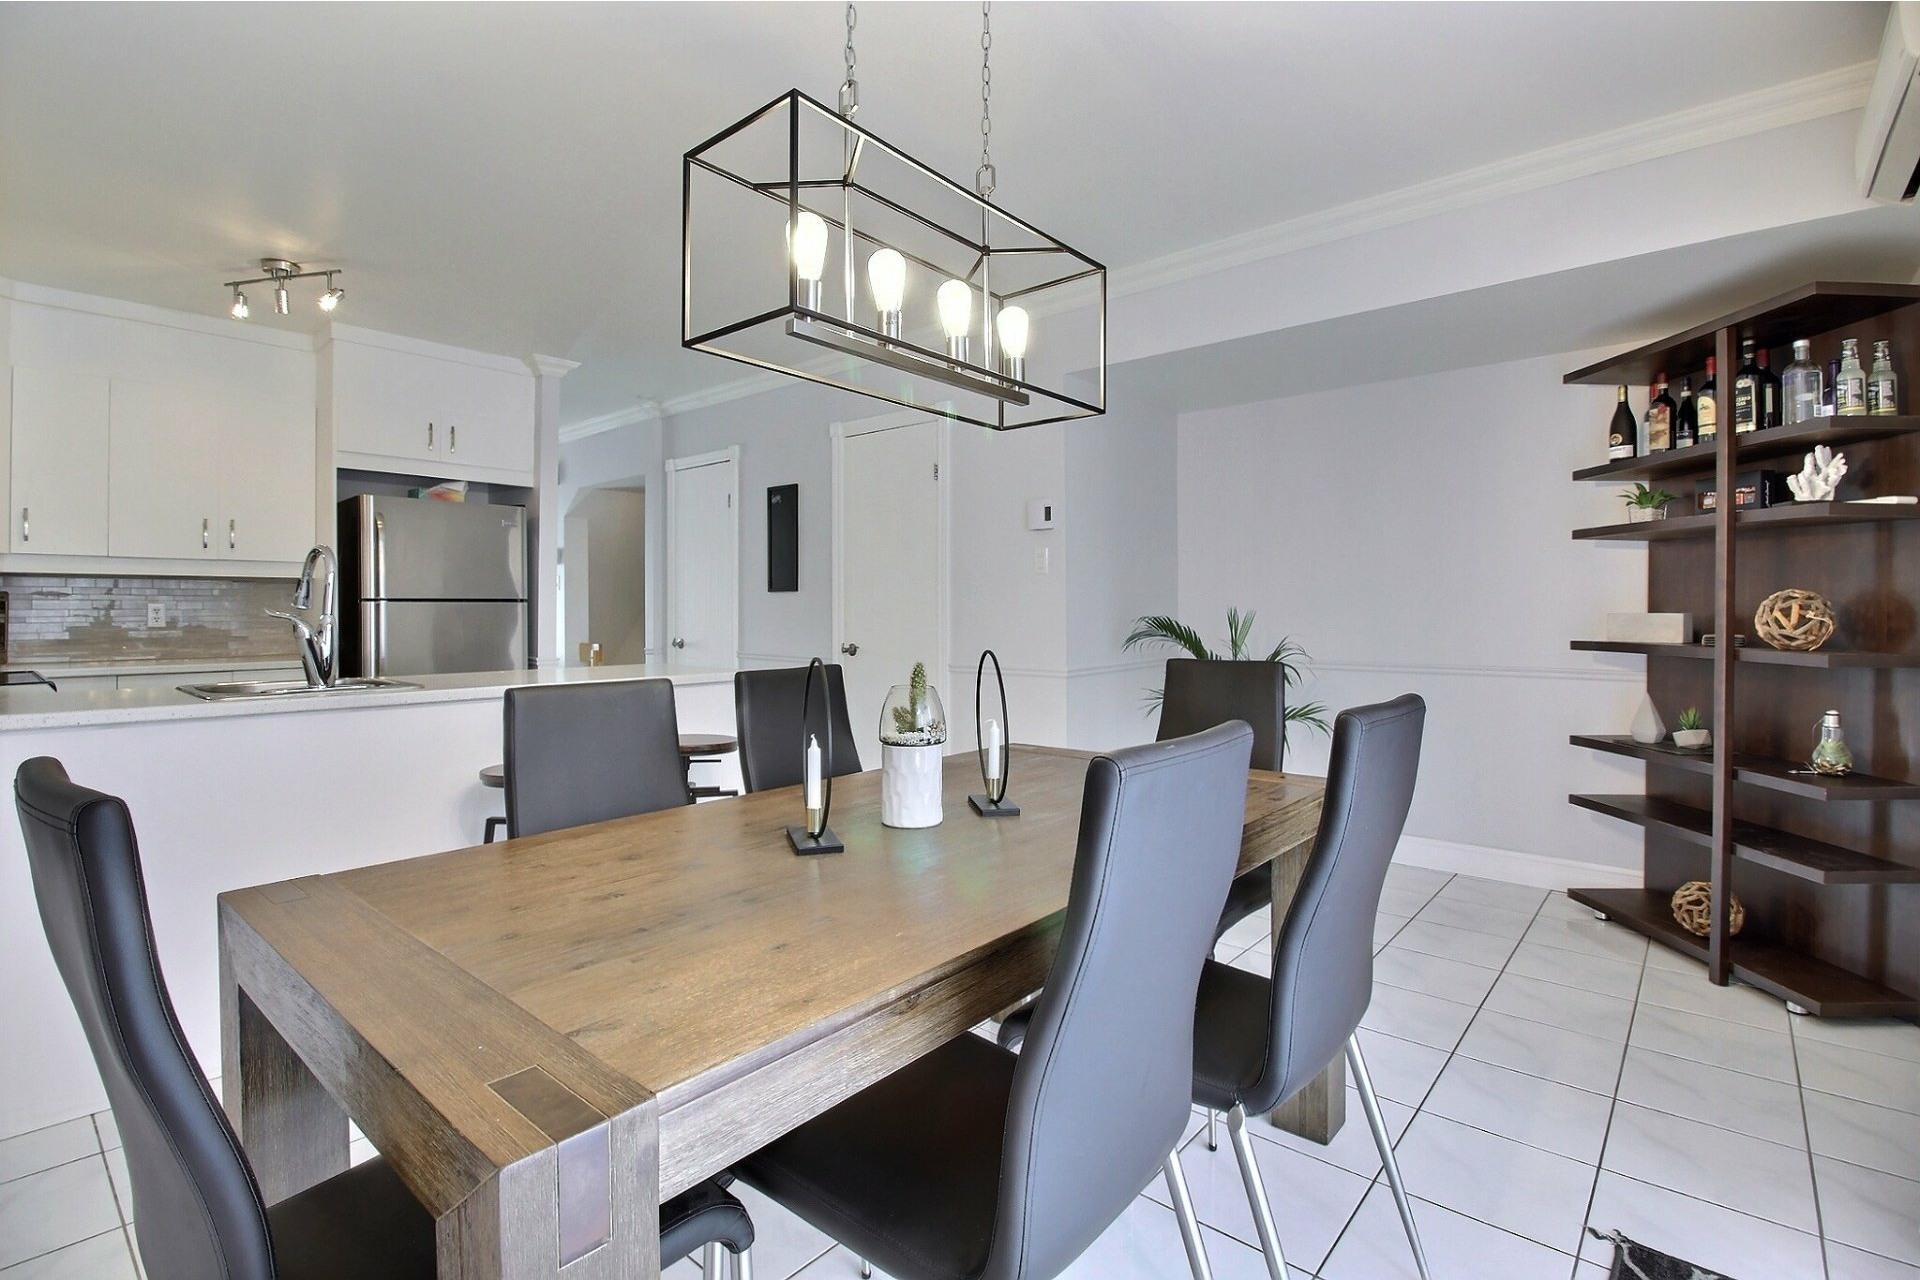 image 7 - Apartment For sale Terrebonne Terrebonne  - 6 rooms